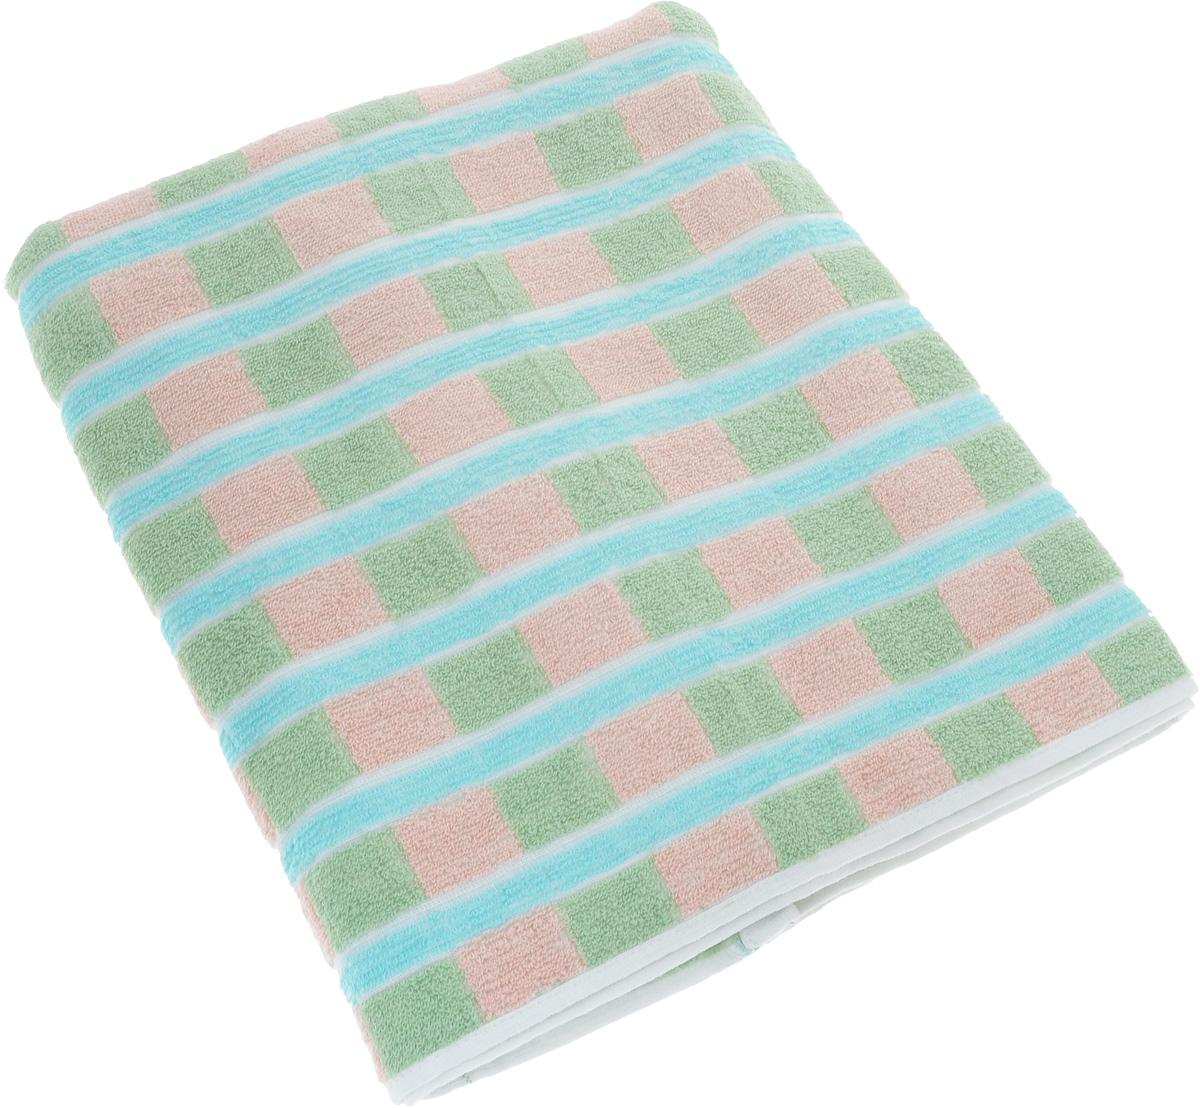 Полотенце Soavita Premium. Linda, цвет: зеленый, розовый, голубой, 70 х 140 см531-105Полотенце Soavita Premium. Linda выполнено из 100% хлопка. Изделие отлично впитывает влагу, быстро сохнет, сохраняет яркость цвета и не теряет форму даже после многократных стирок. Полотенце очень практично и неприхотливо в уходе. Оно создаст прекрасное настроение и украсит интерьер в ванной комнате.